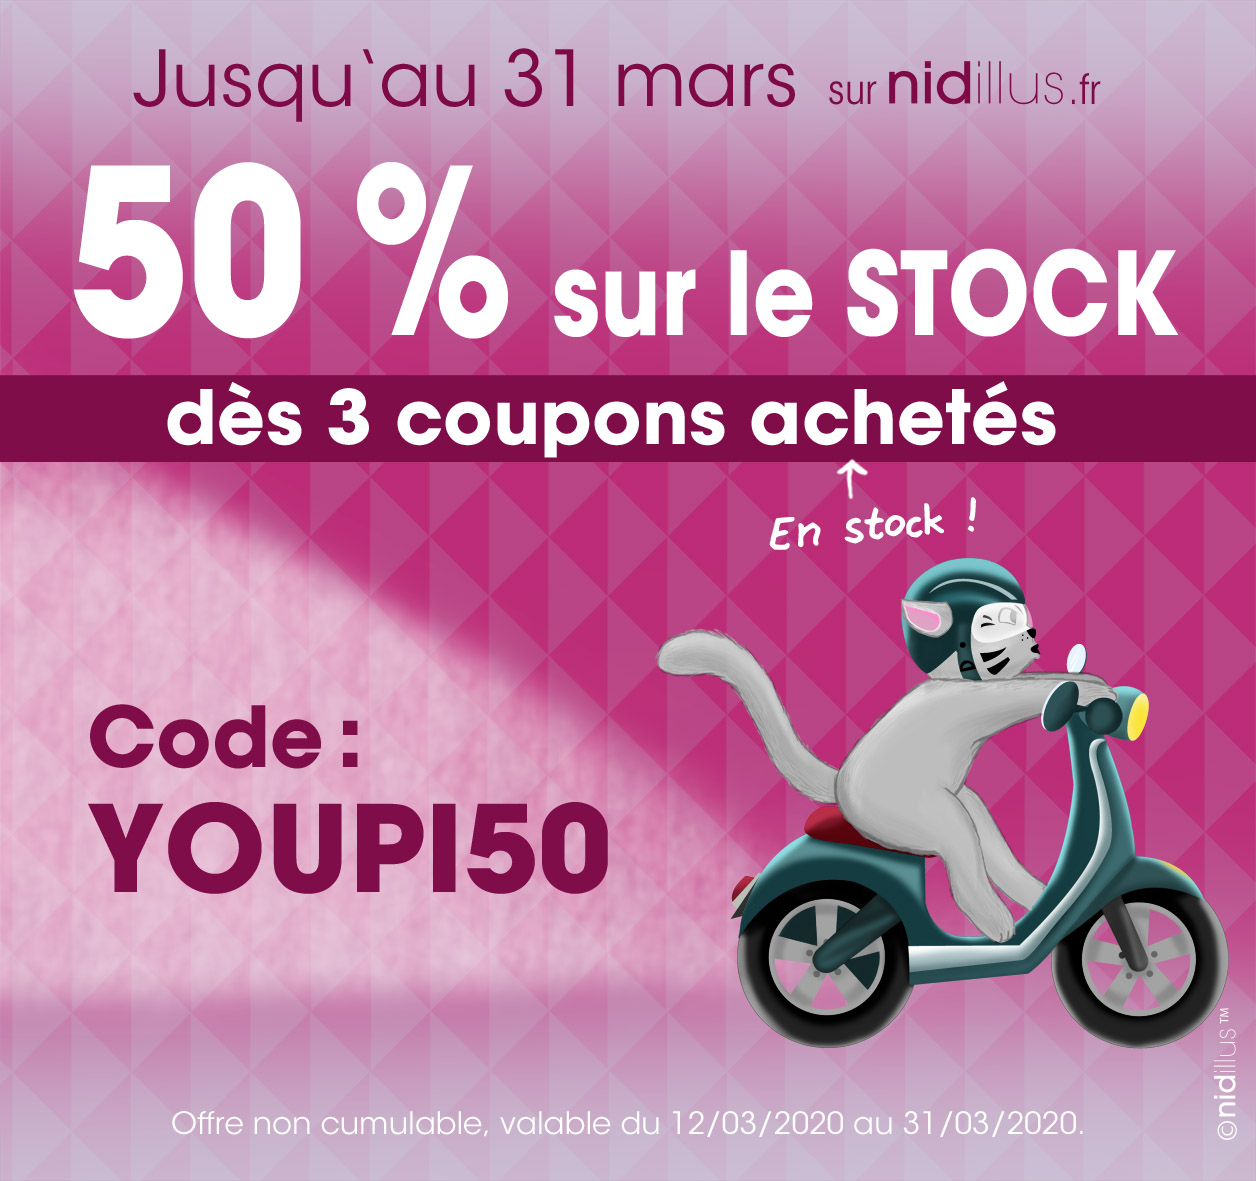 promo code youpi50